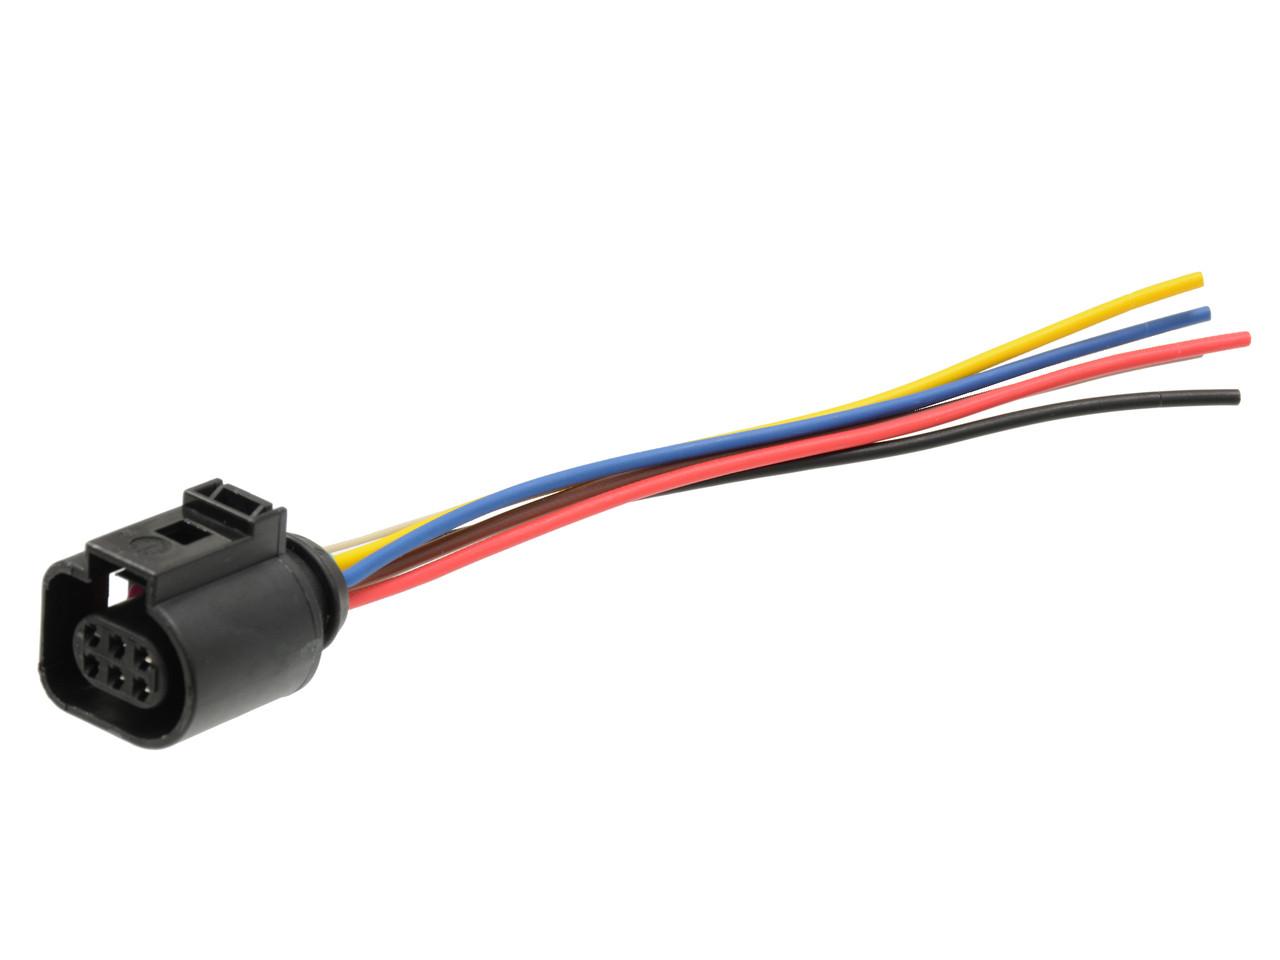 cooling fan control module pigtail connector fits audi tt vw jetta golf mk4  beetle vw skoda 1j0973713